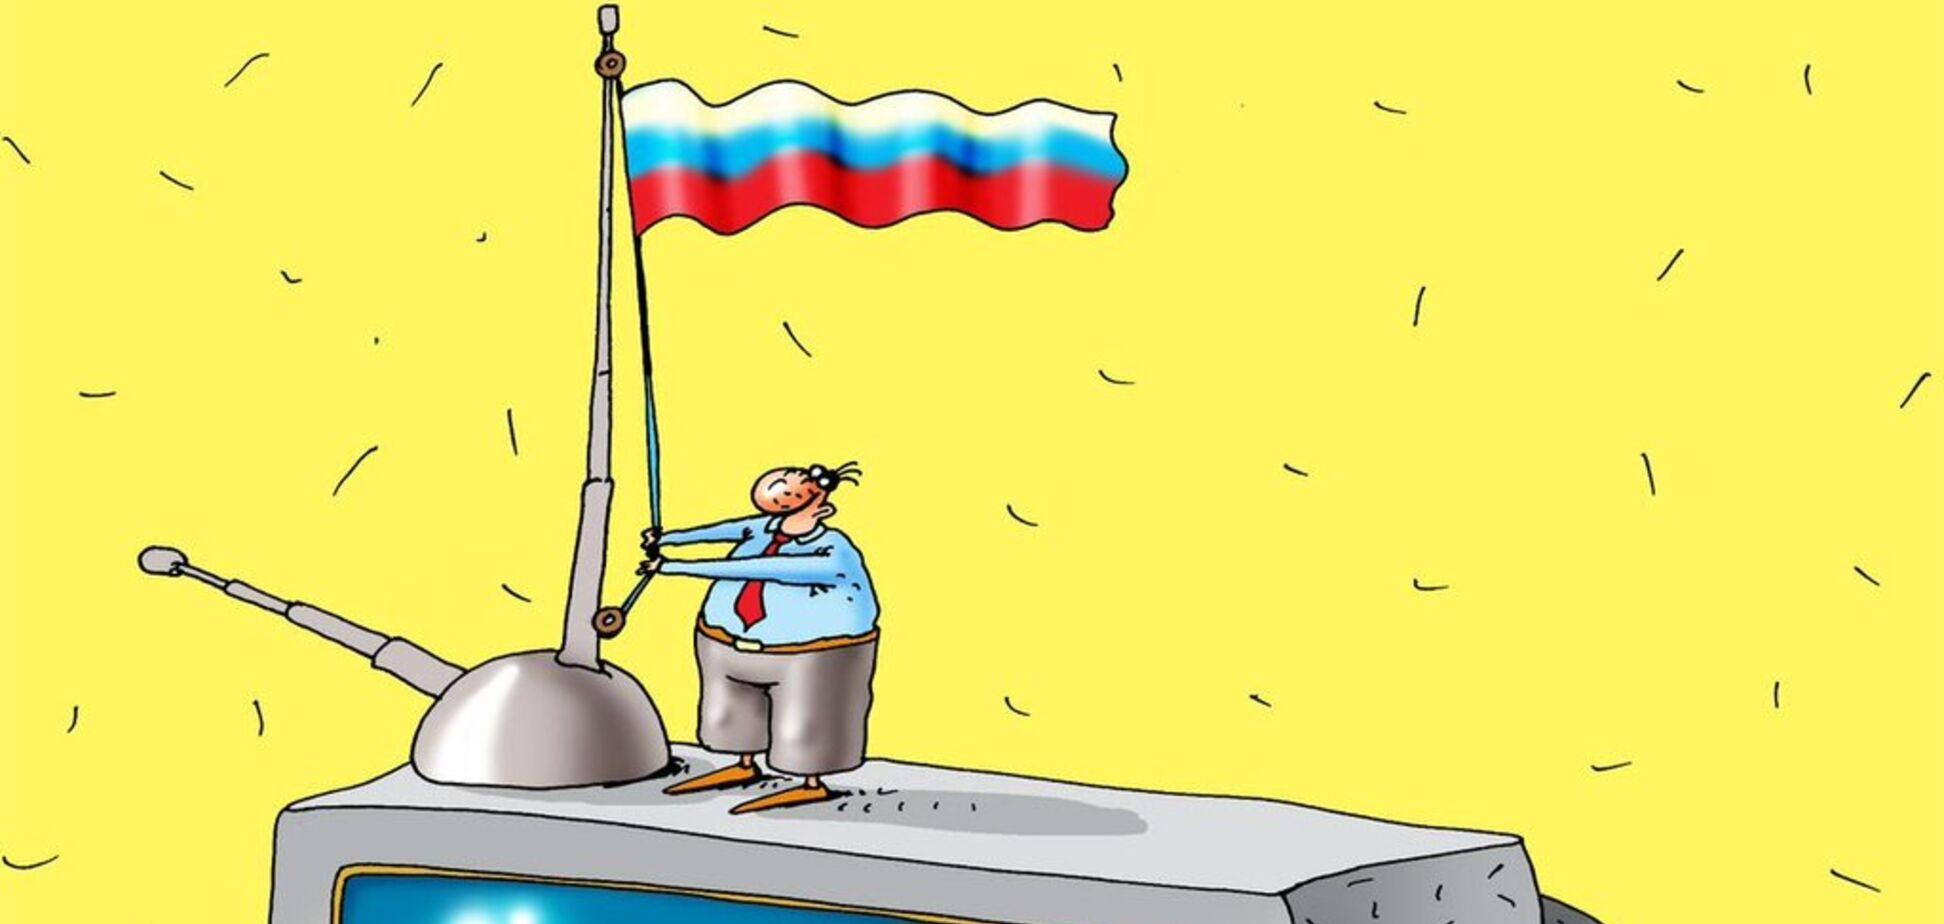 Порєбрік News: українців оголосили 'єдиним народом' із татарами та угро-фінами